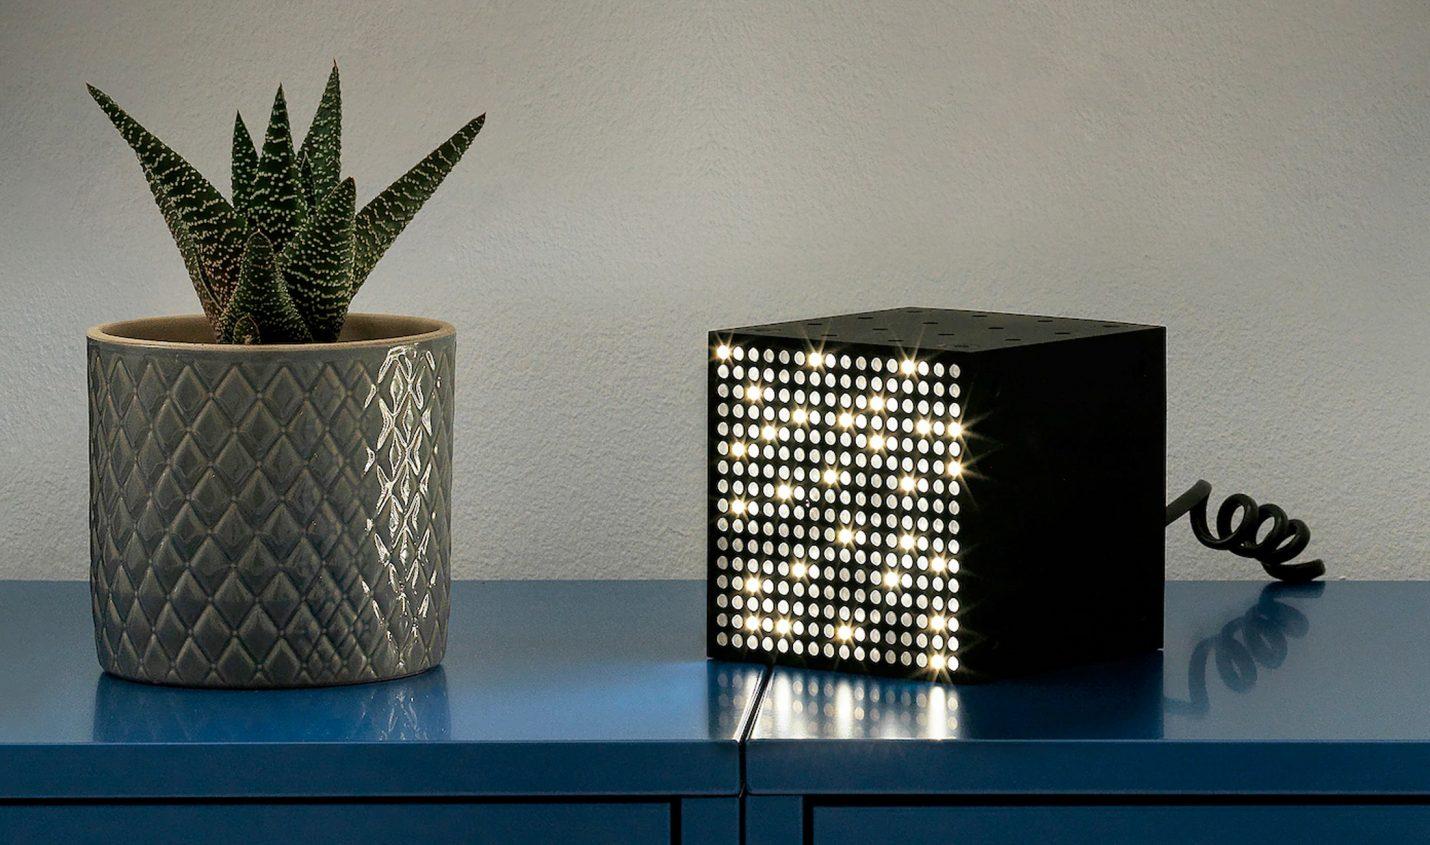 Ikea FREKVENS: Licht und Lautsprecher im Design von Teenage Engineering